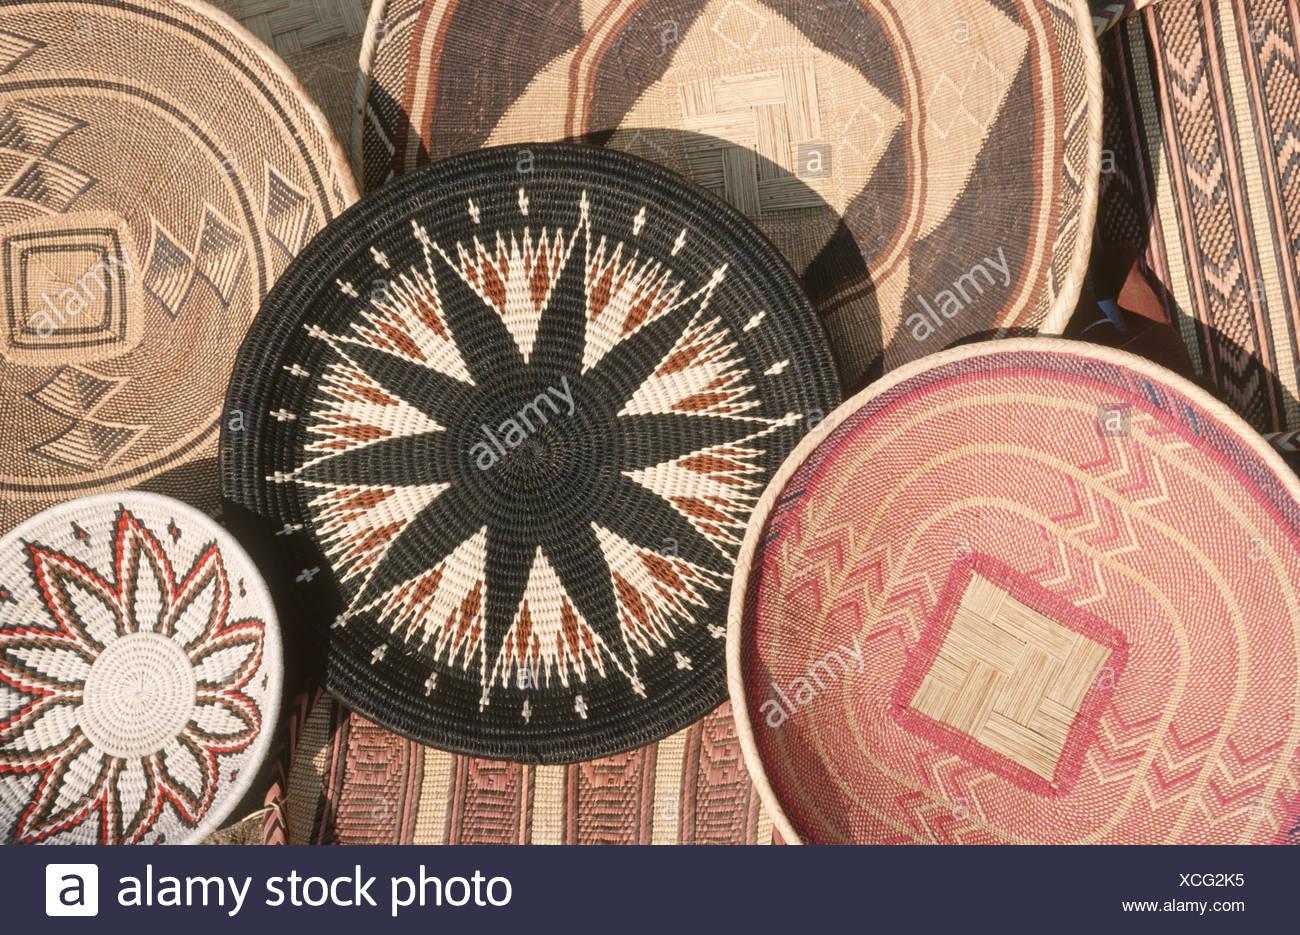 Tradizionale cesto tessuto artigianale, Zimbabwe Immagini Stock